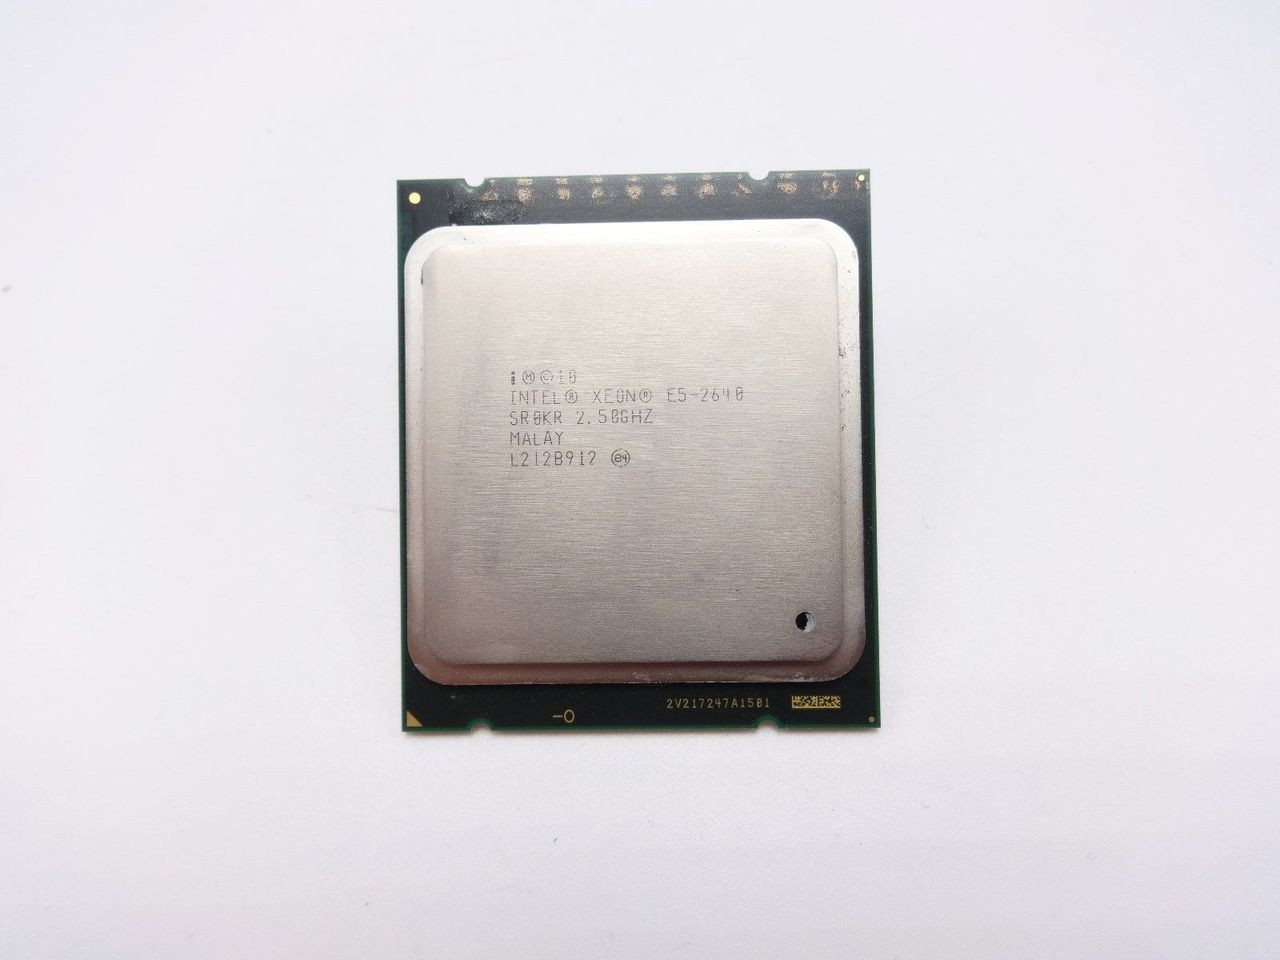 Intel SR0KR E5-2640 6C 2.5GHZ/15MB Processor